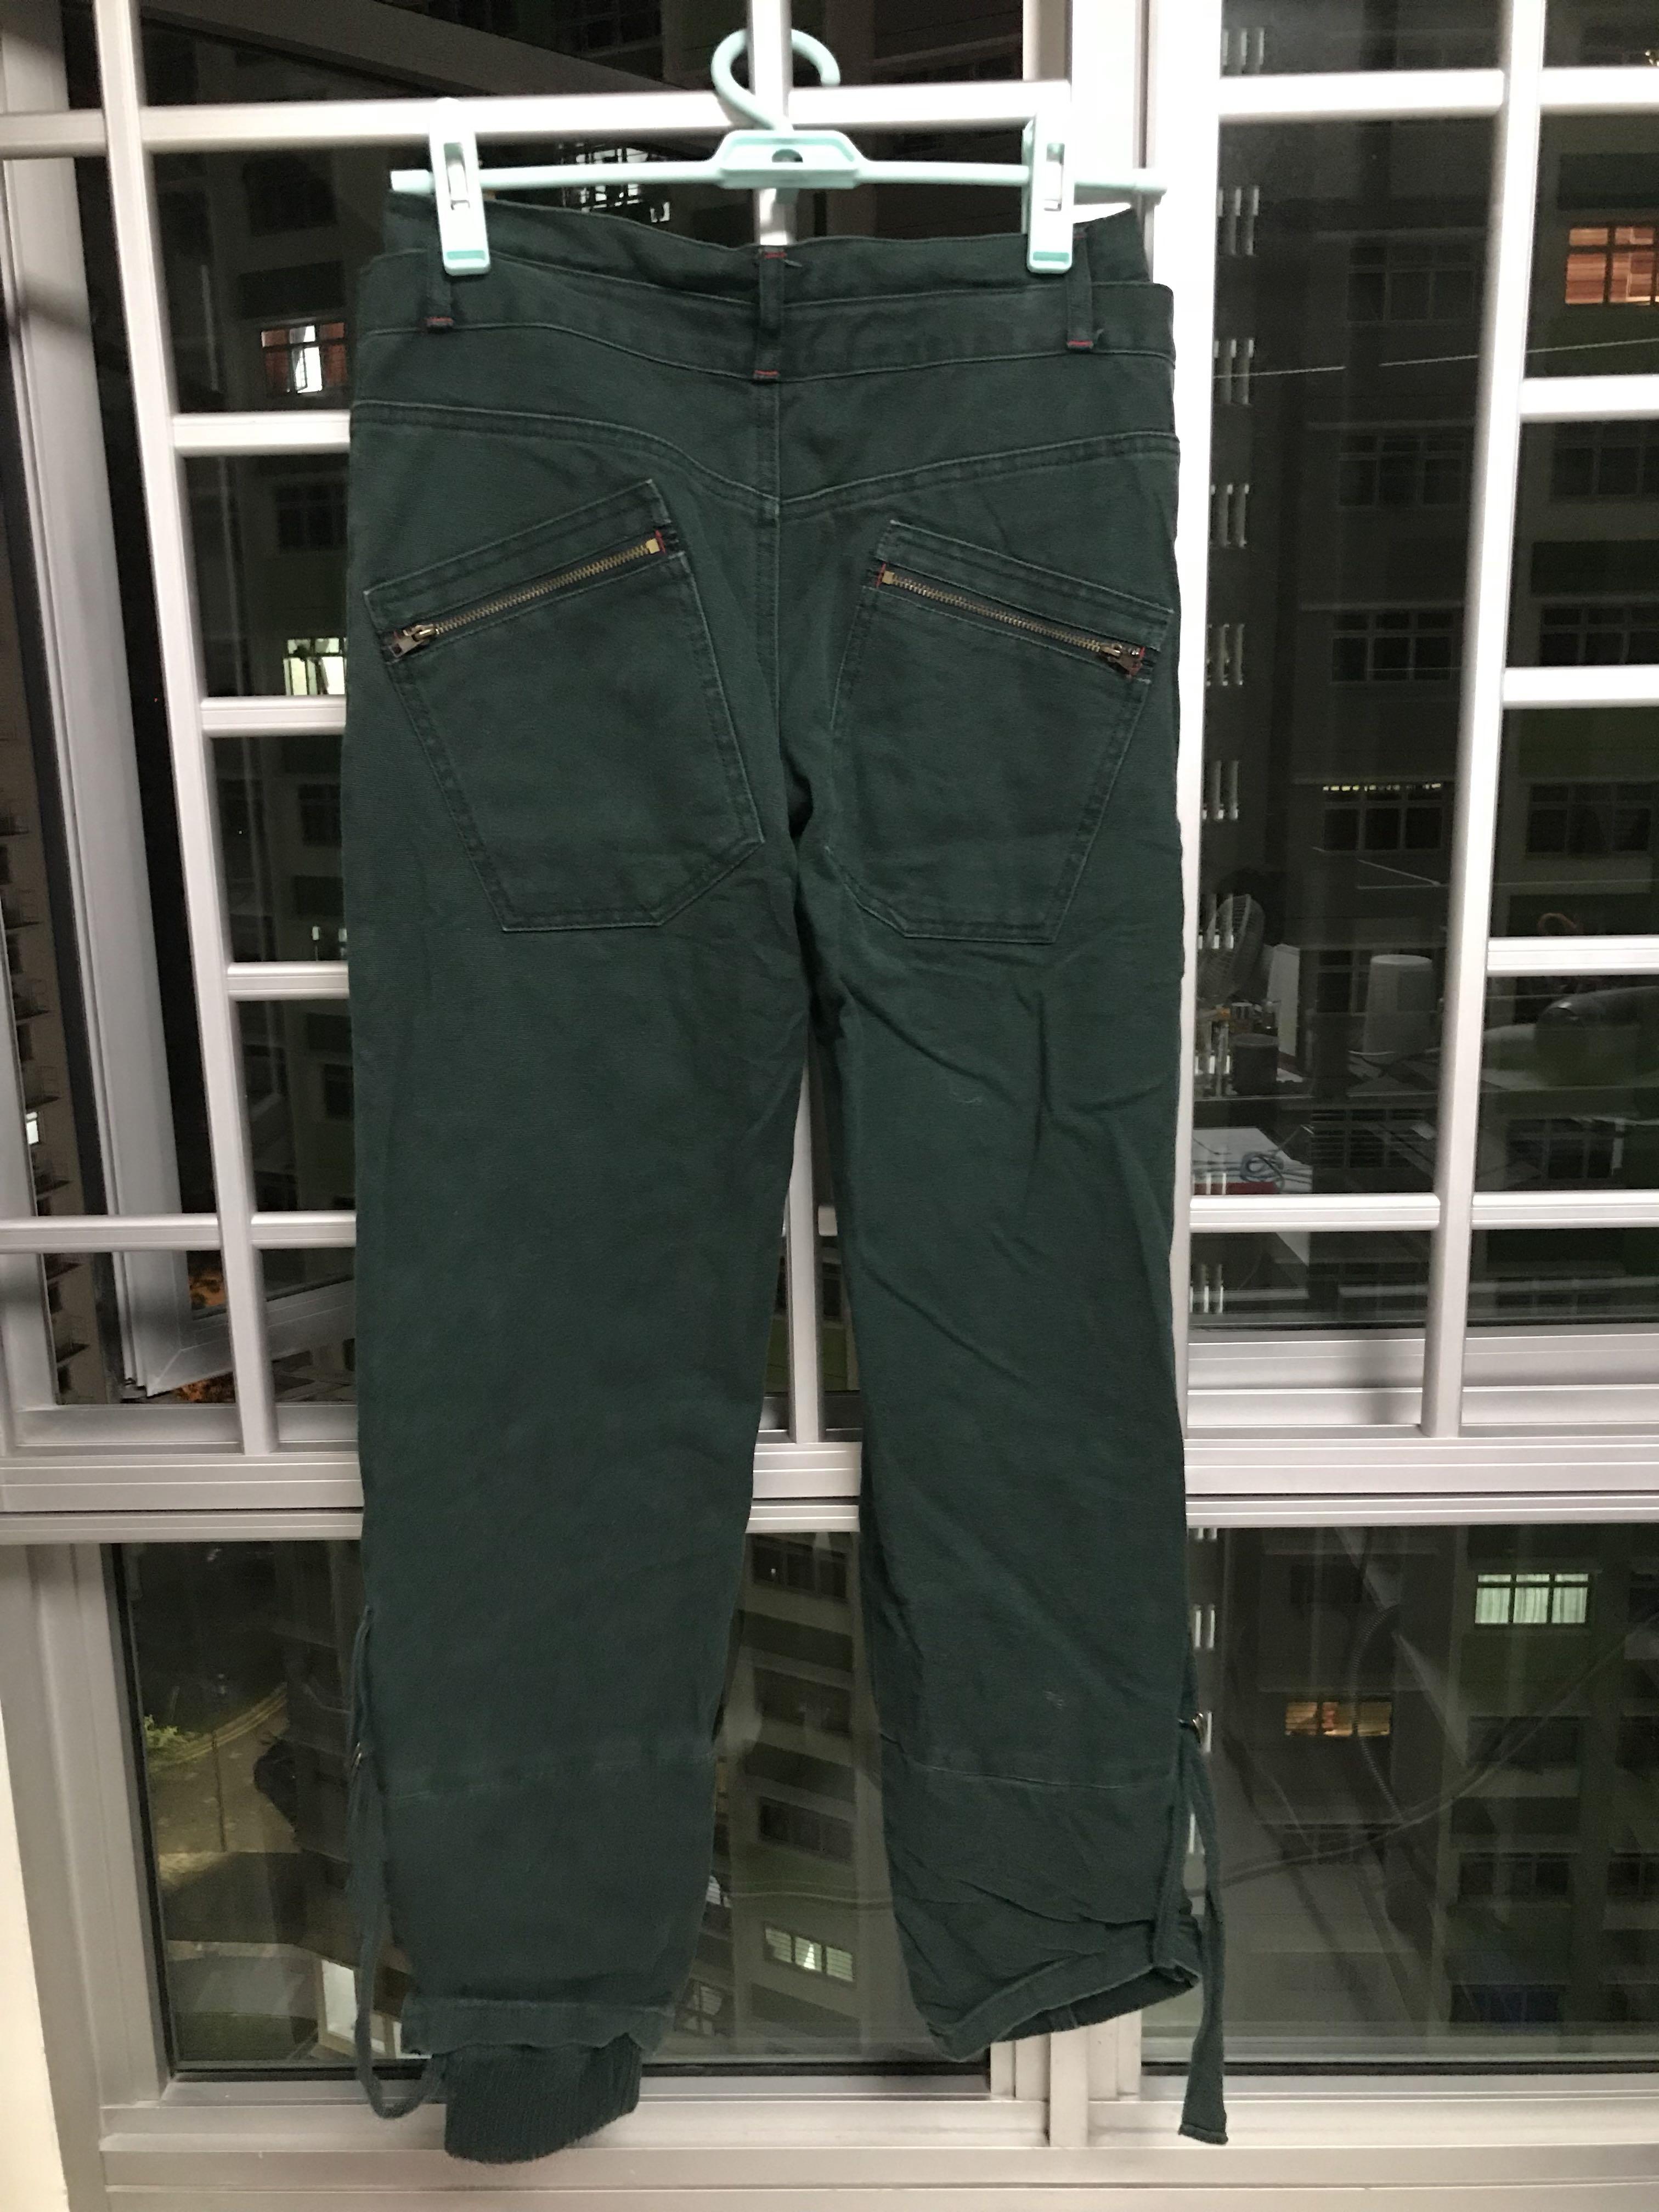 Ladies long pants